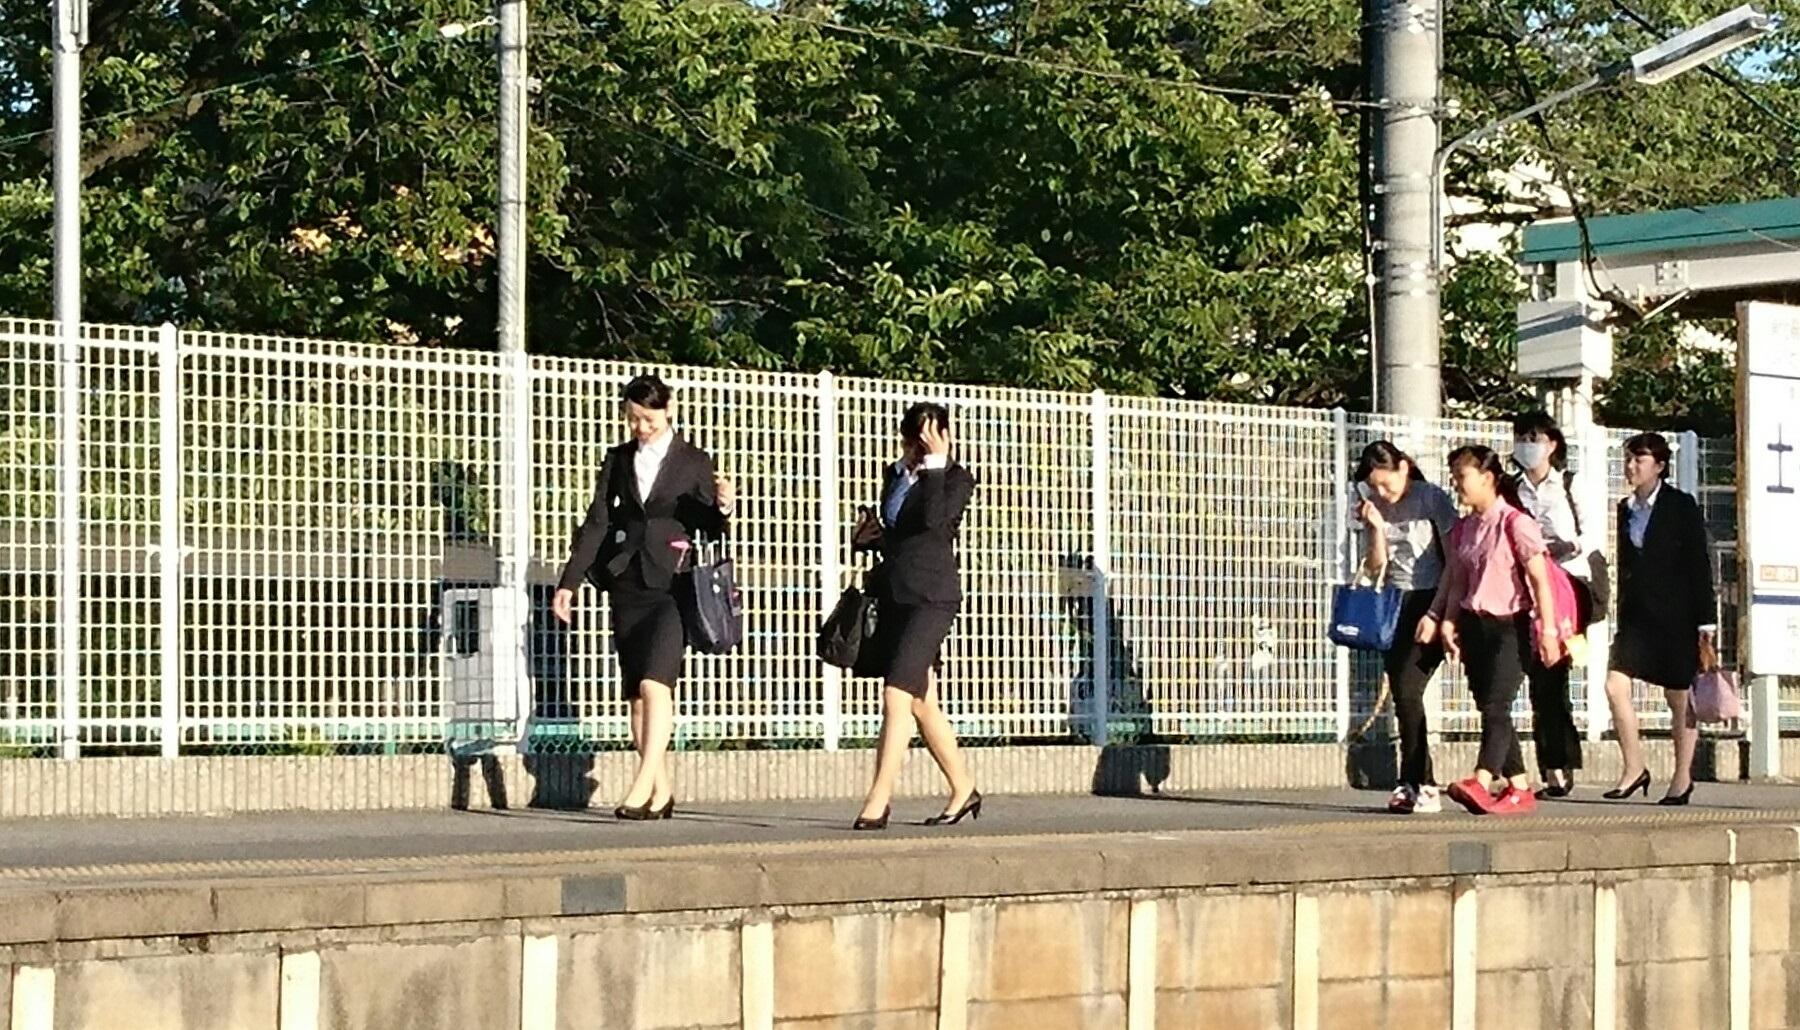 2017.6.16 古井 - しんあんじょういきふつう (1) 1800-1030